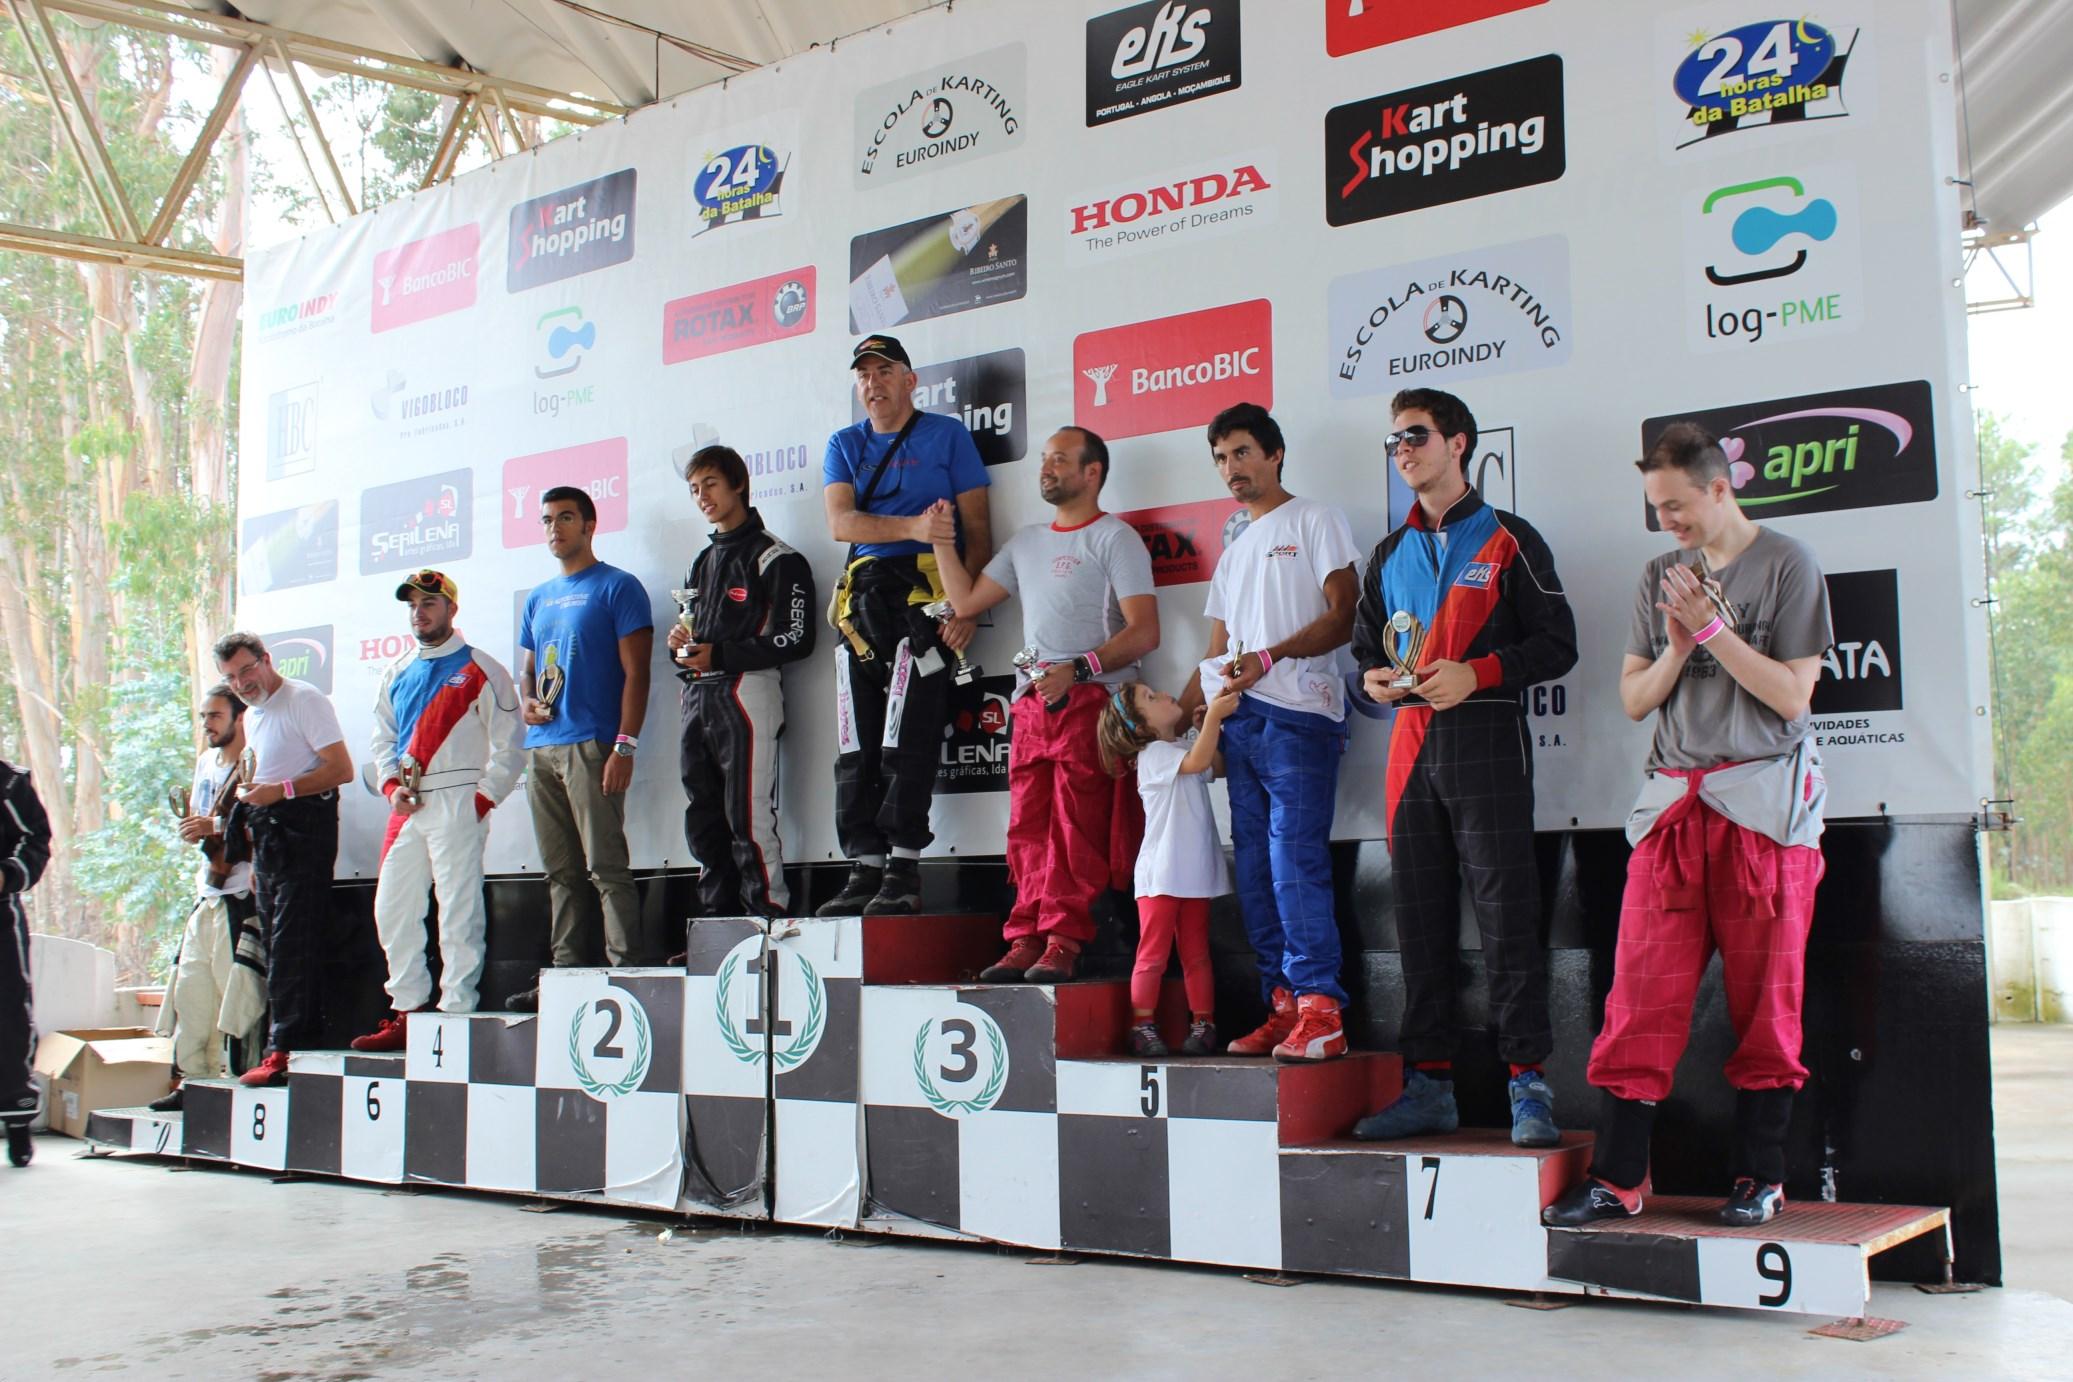 Troféu Honda 2014 - 3ª Prova259